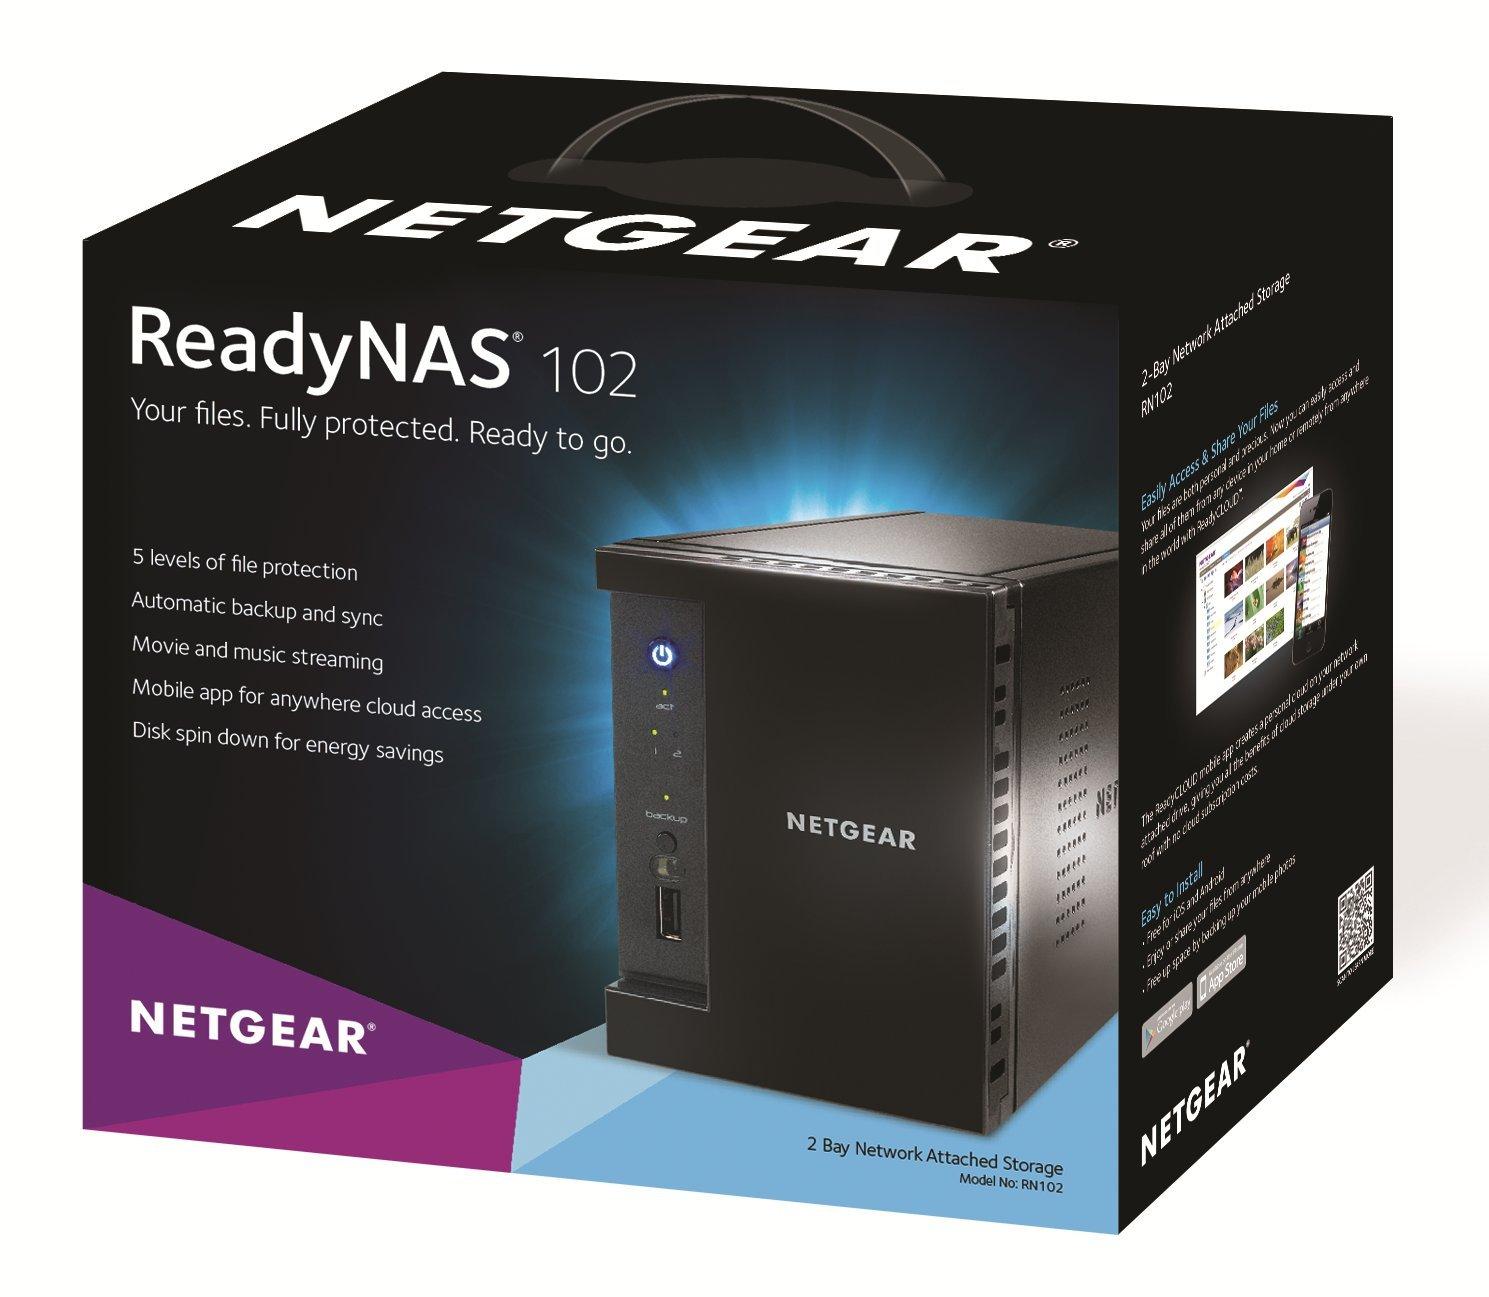 NETGEAR ReadyNAS 102 2-Bay Network Attached Storage 6TB (RN10223D-100NAS) by NETGEAR